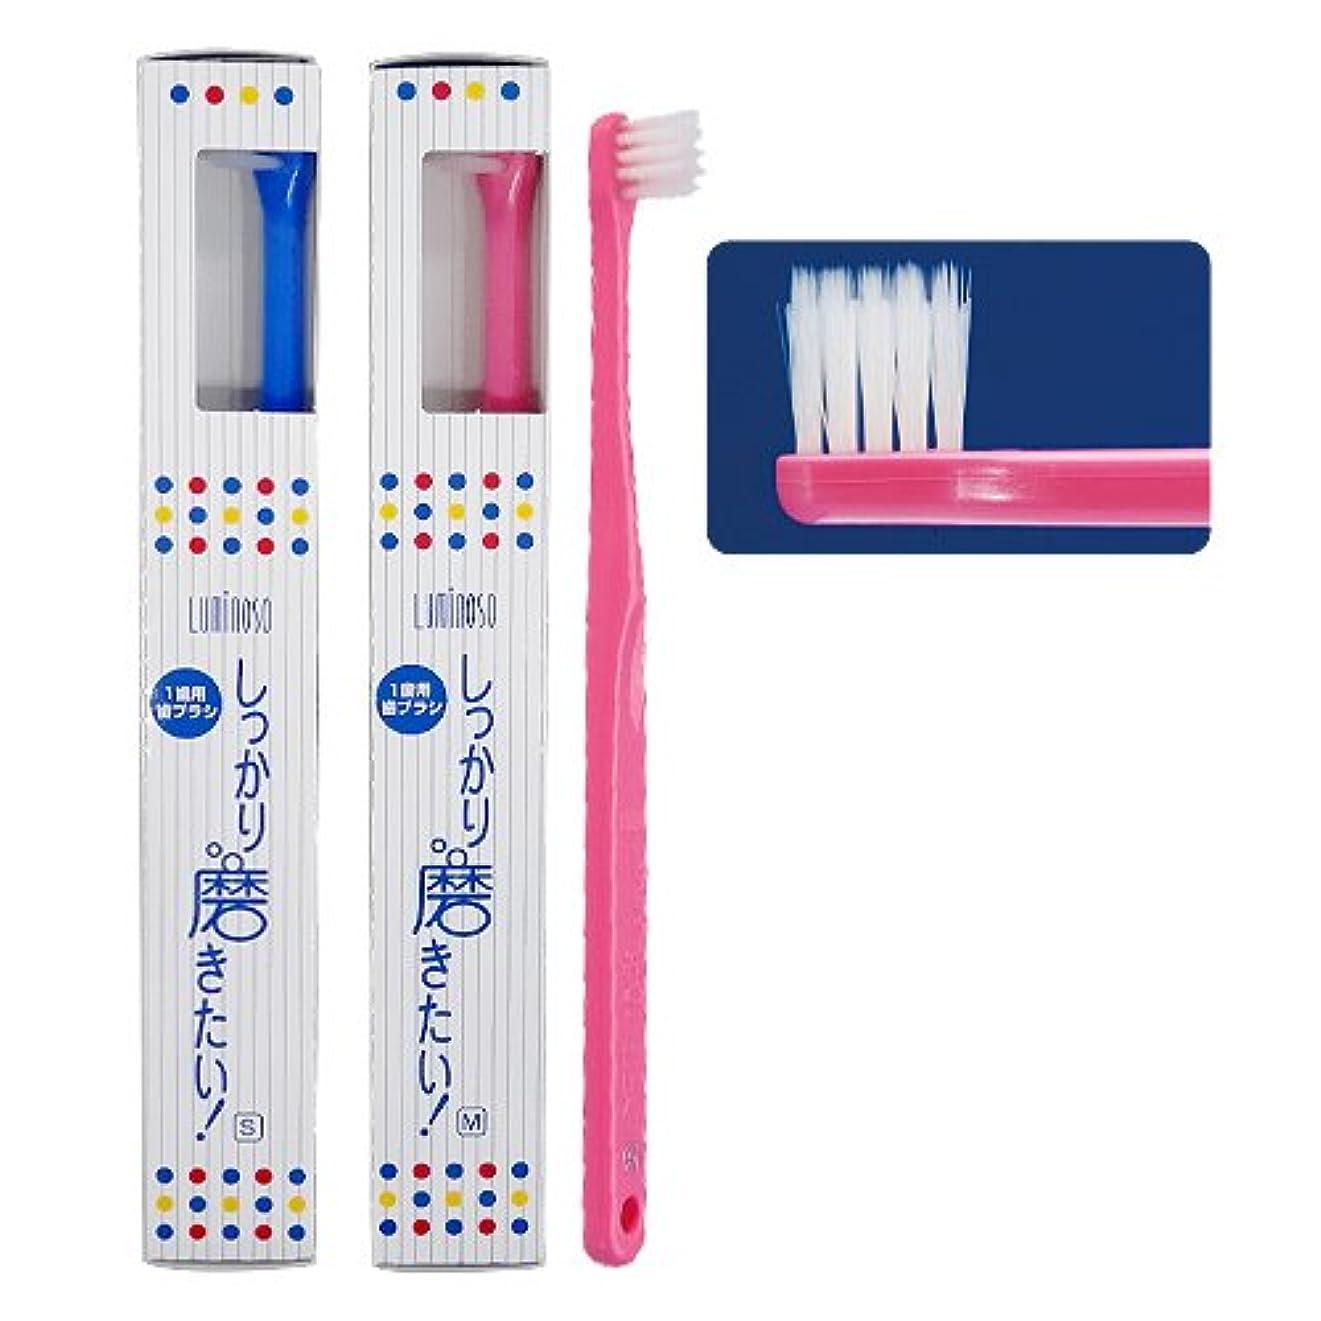 脚本ブッシュゴミ箱ルミノソ 1歯用歯ブラシ「しっかり磨きたい!」スタンダード ソフト